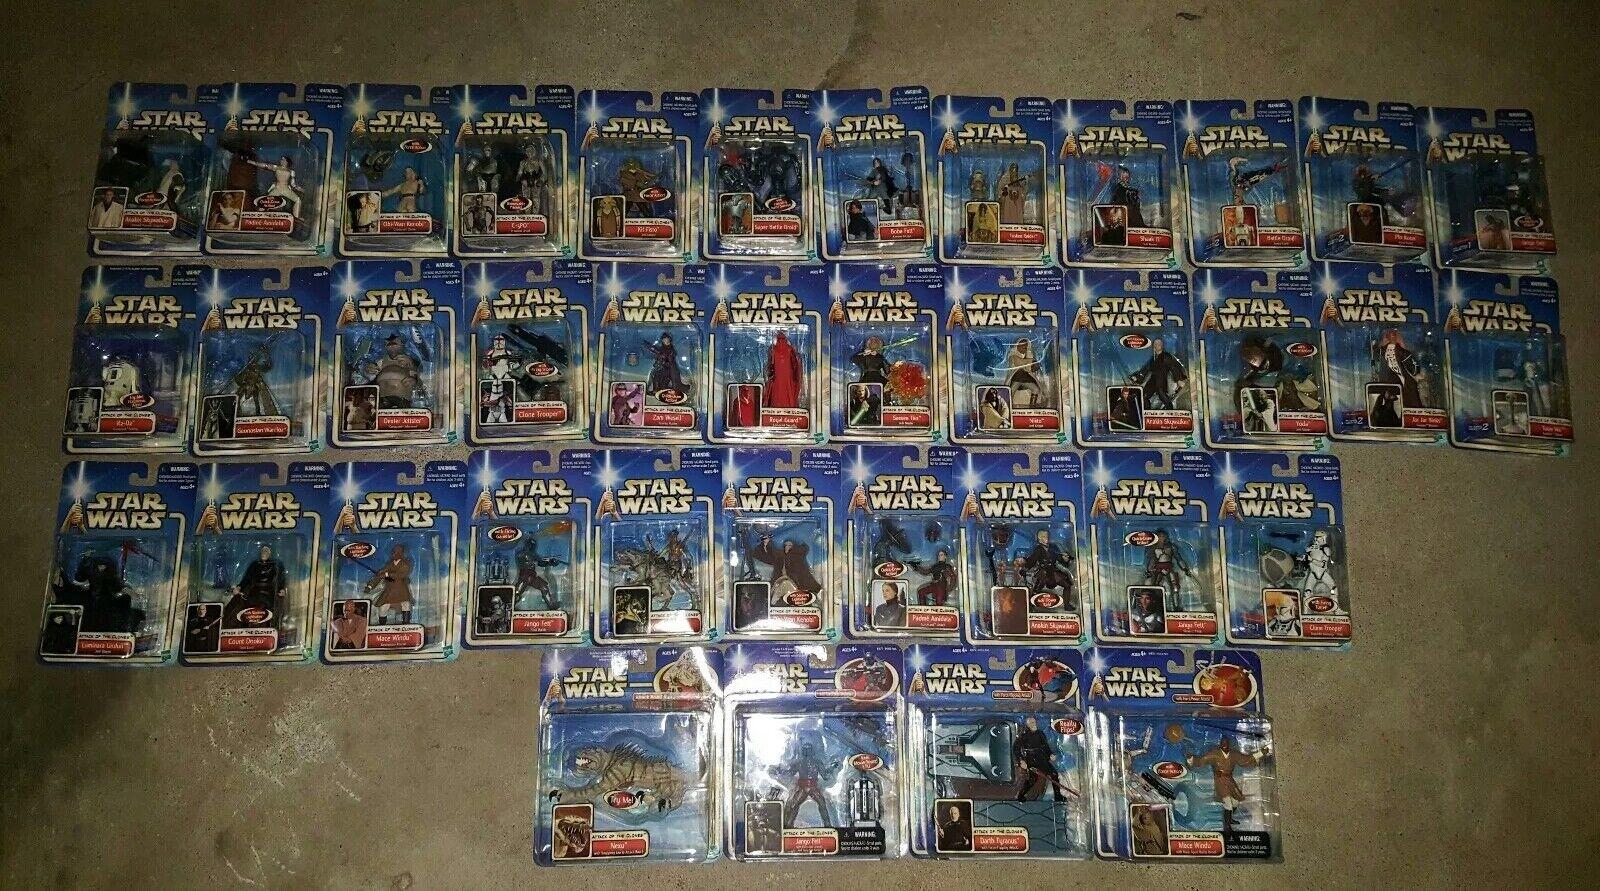 89 lot of estrella guerras Hasbro  cifras (AOTC) (POTJ) (Episode I) (Miscellaneous)  autentico